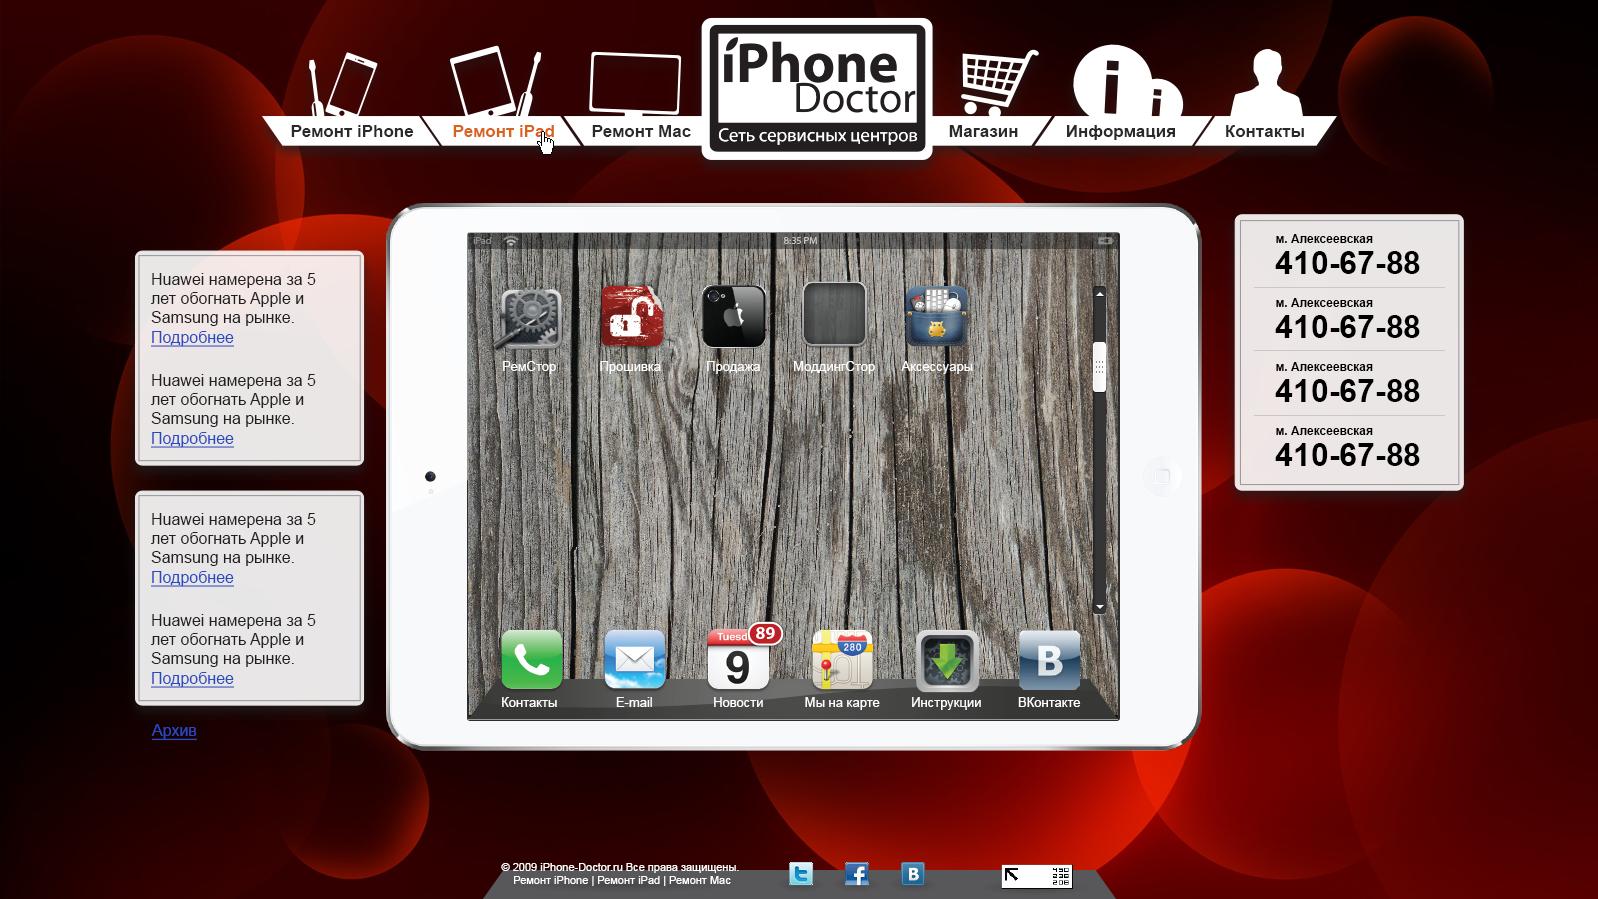 """Сайт визитка для сети сервисных центров по ремонту техники Apple """"iPhone Doctor"""""""